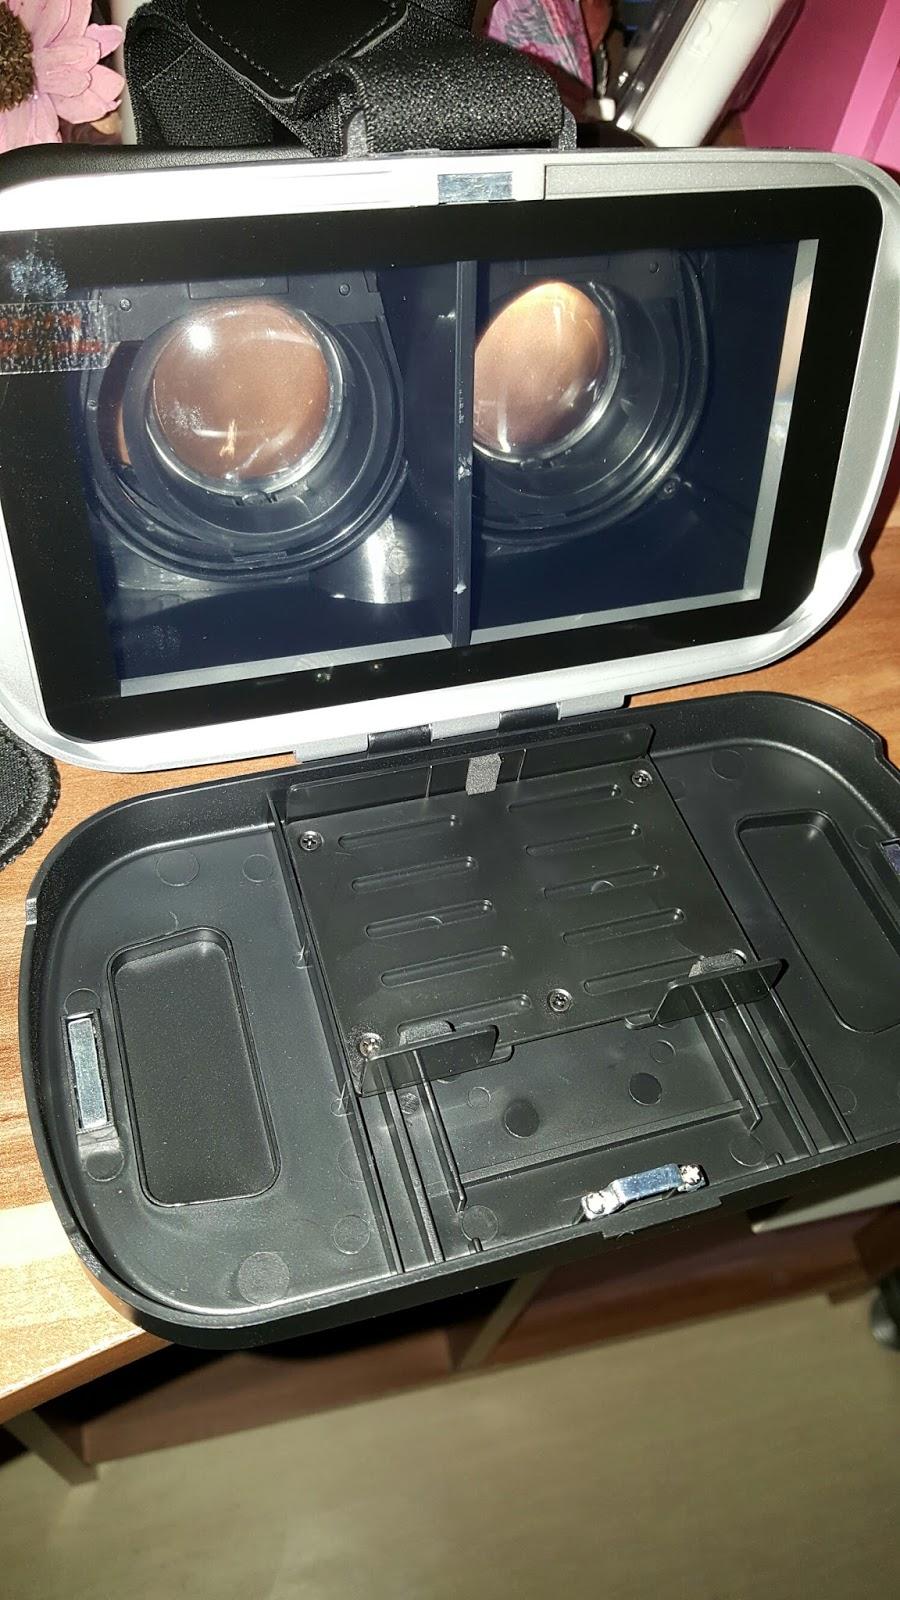 lahr2006 testet vr headset canbor vr brille virtual. Black Bedroom Furniture Sets. Home Design Ideas